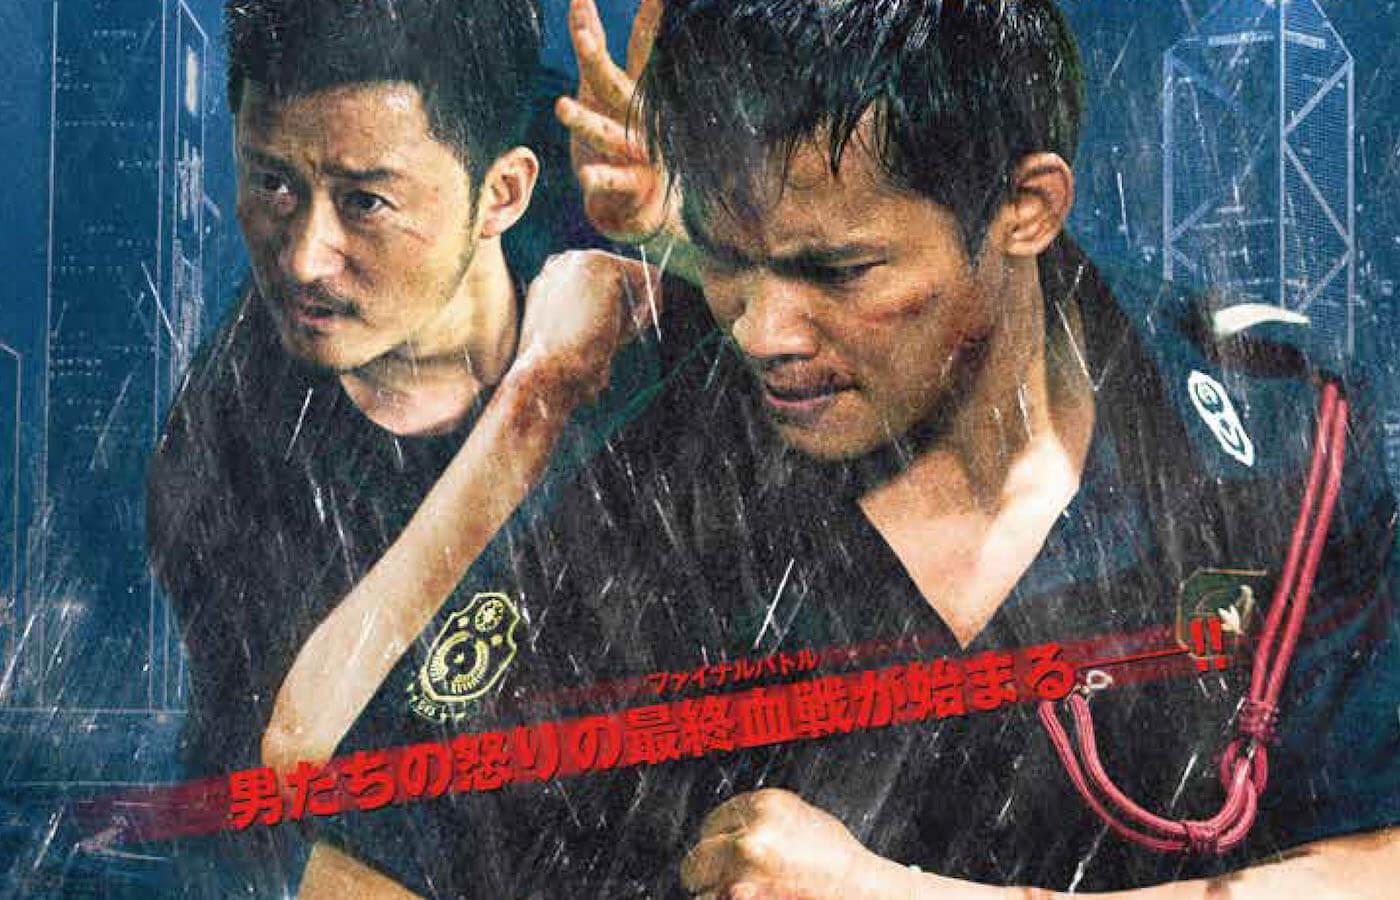 男泣き映画の傑作『SPL2』が邦題を『ドラゴン×マッハ!』として公開決定&ポスター解禁!!